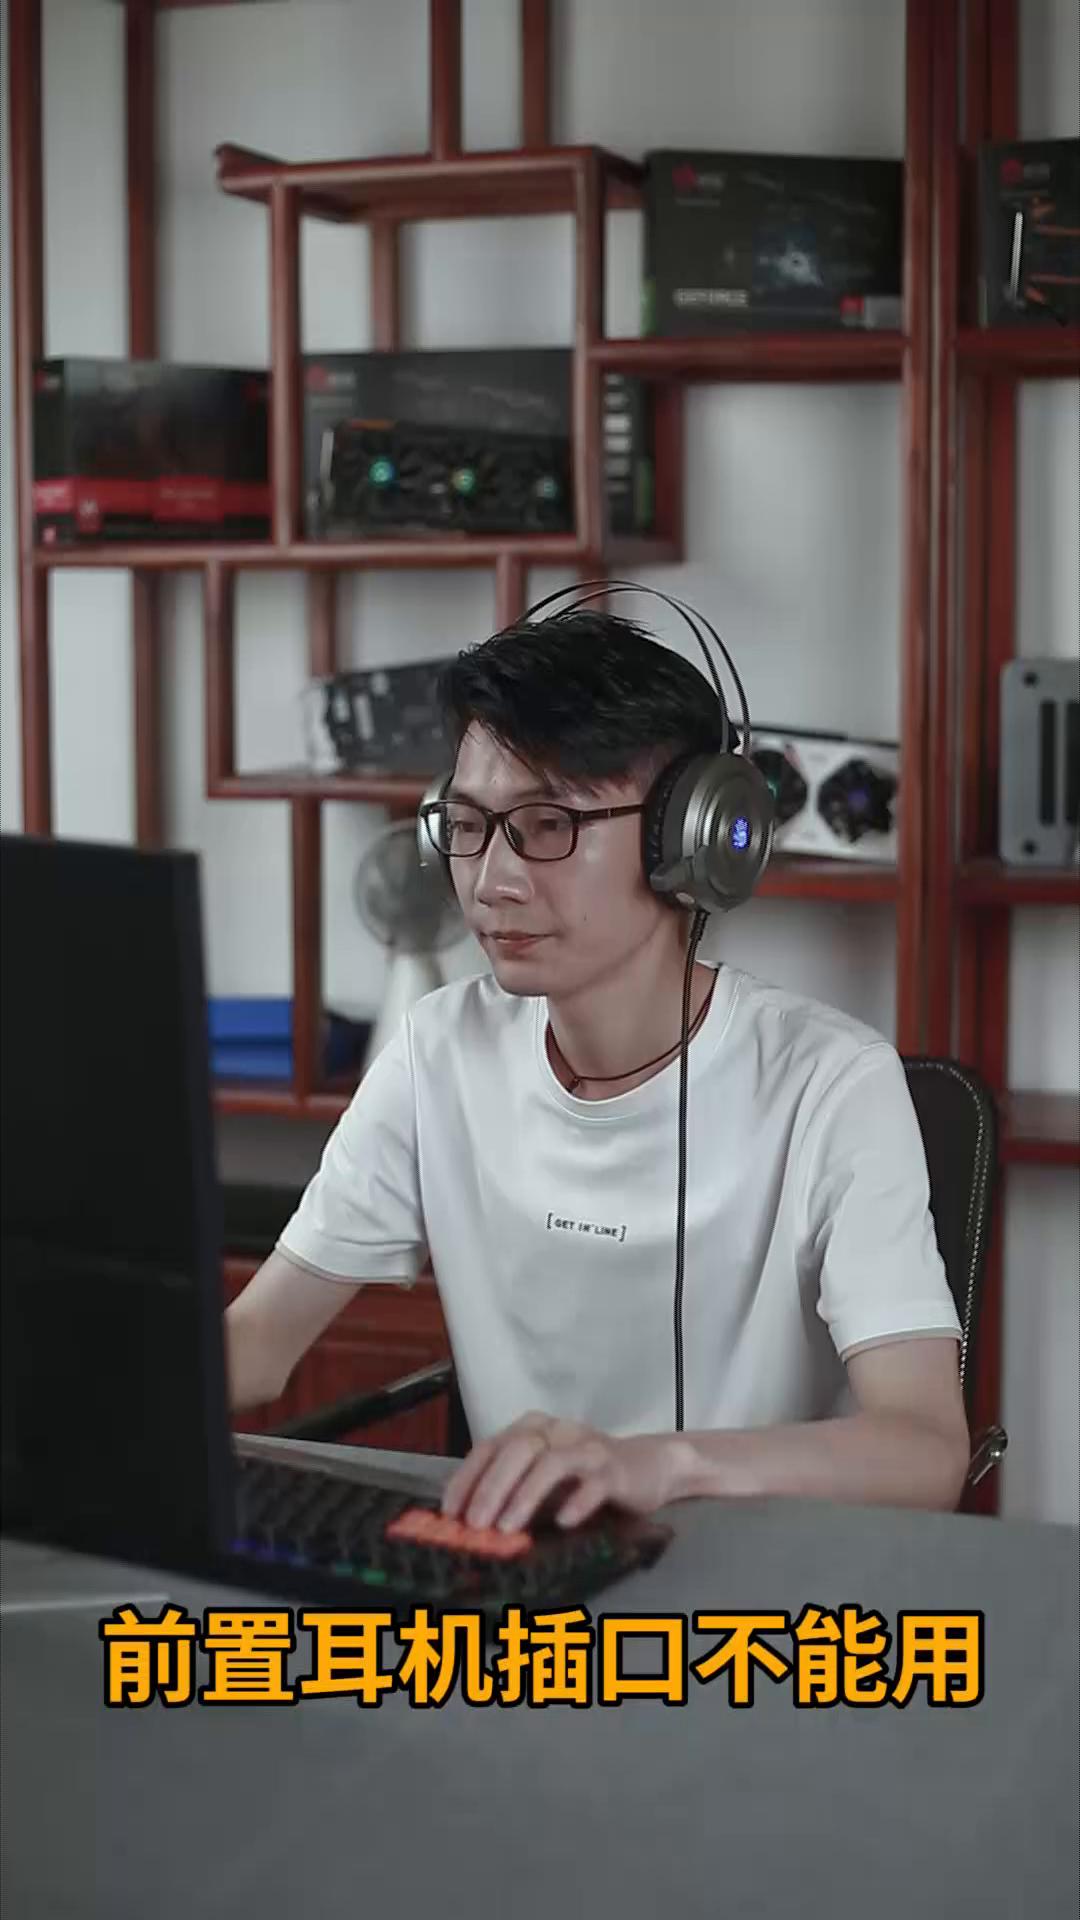 电脑的前置耳机插口没有声音,你知道怎么设置吗?